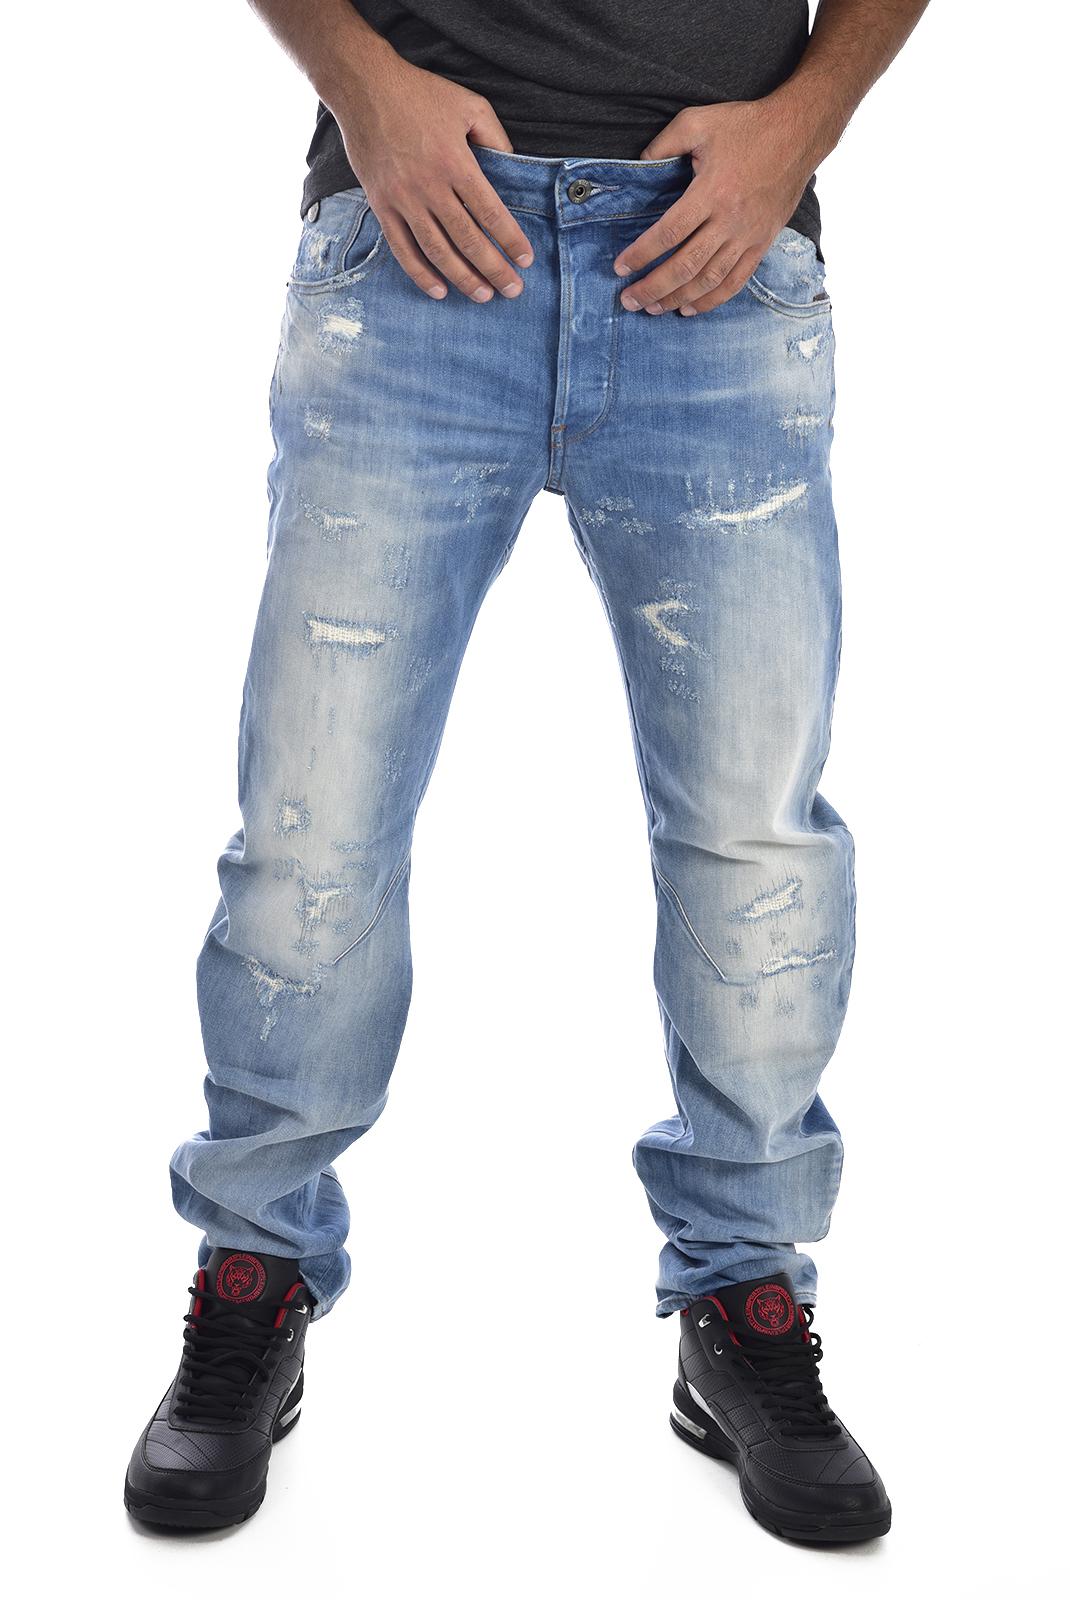 Jeans  G-star 51030-7053-5549 arc bleu